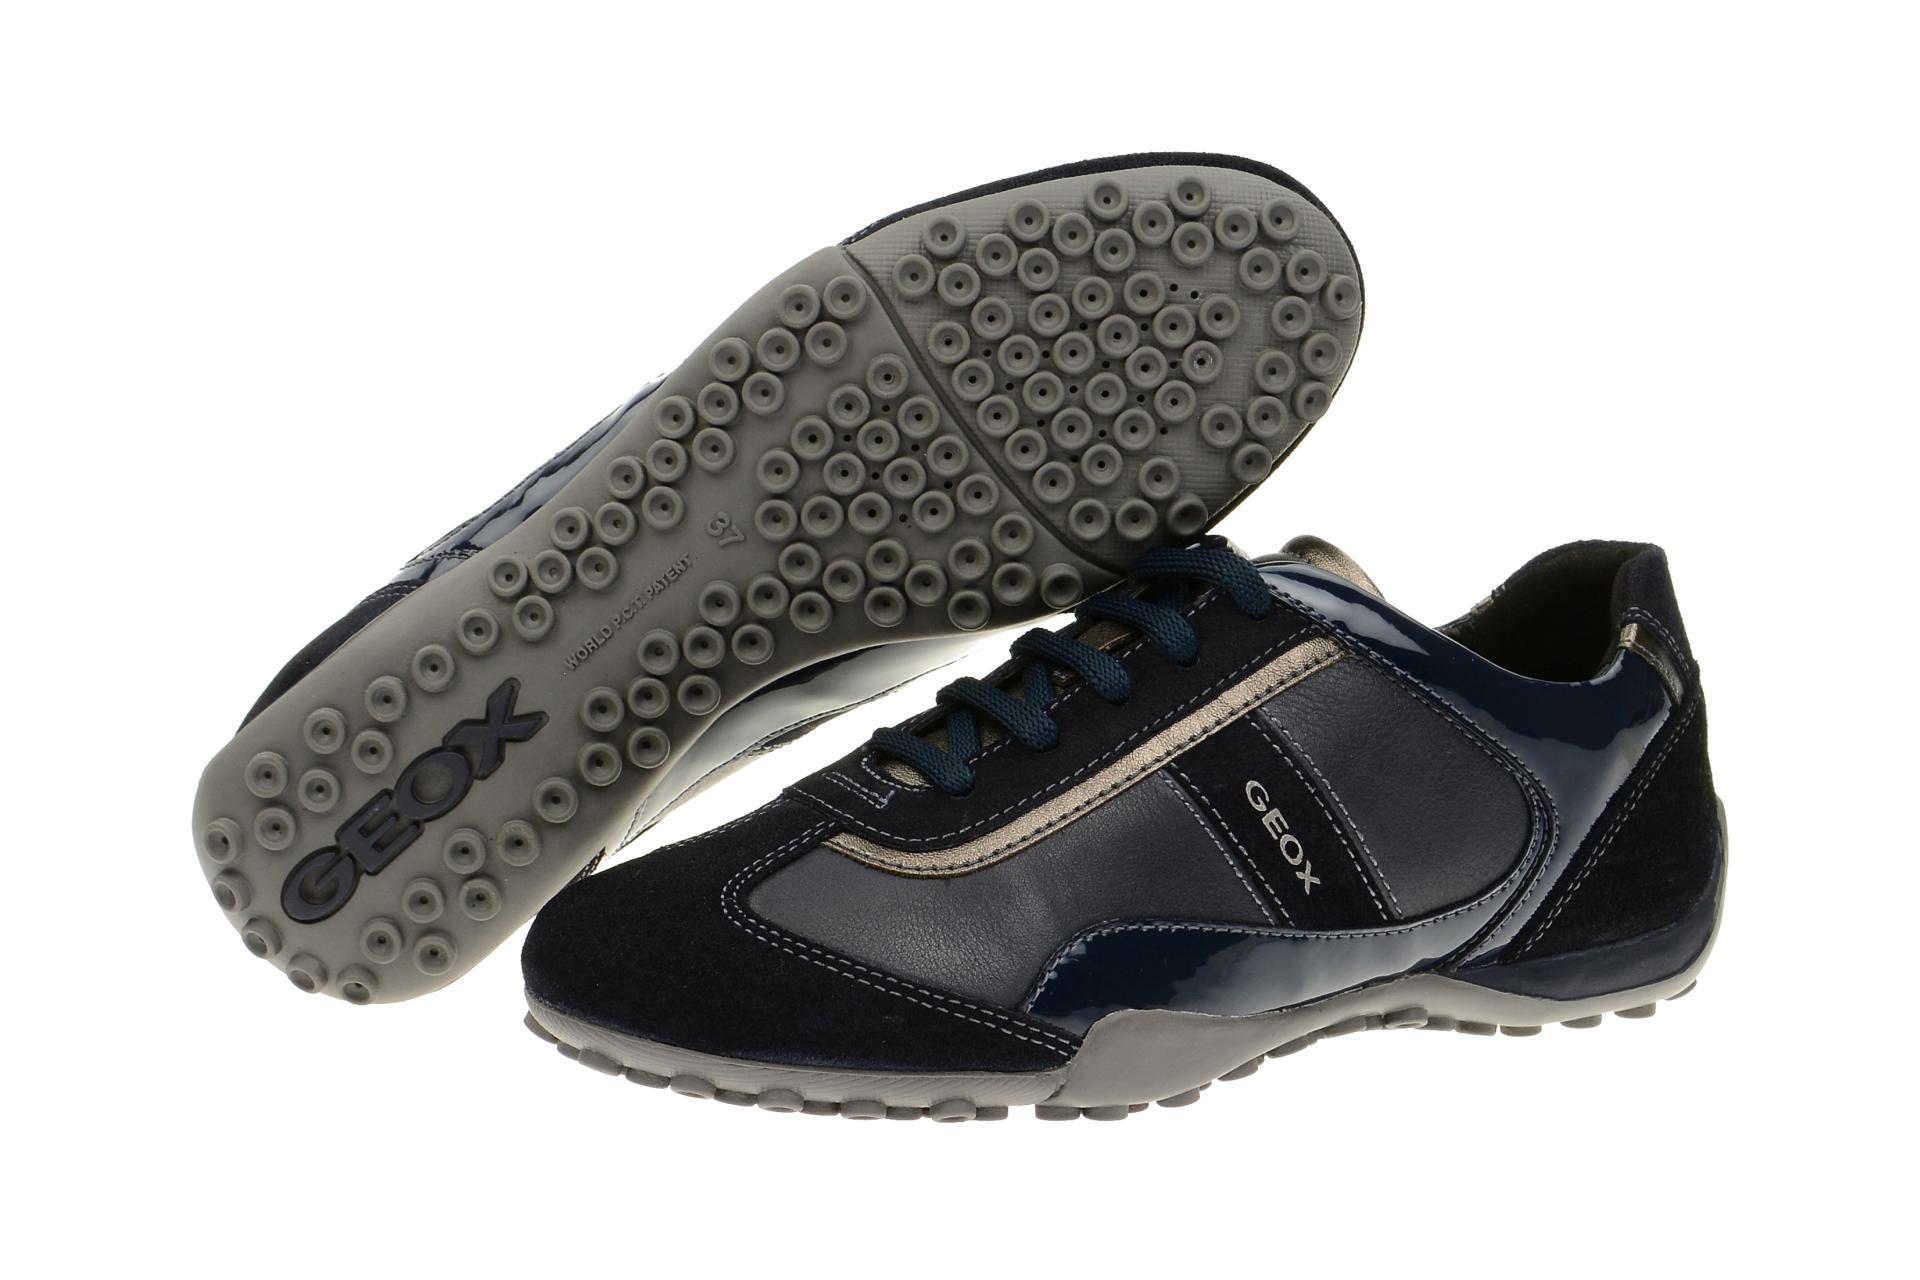 geox snake blau navy damen sneaker kaufen schuhhaus strauch. Black Bedroom Furniture Sets. Home Design Ideas